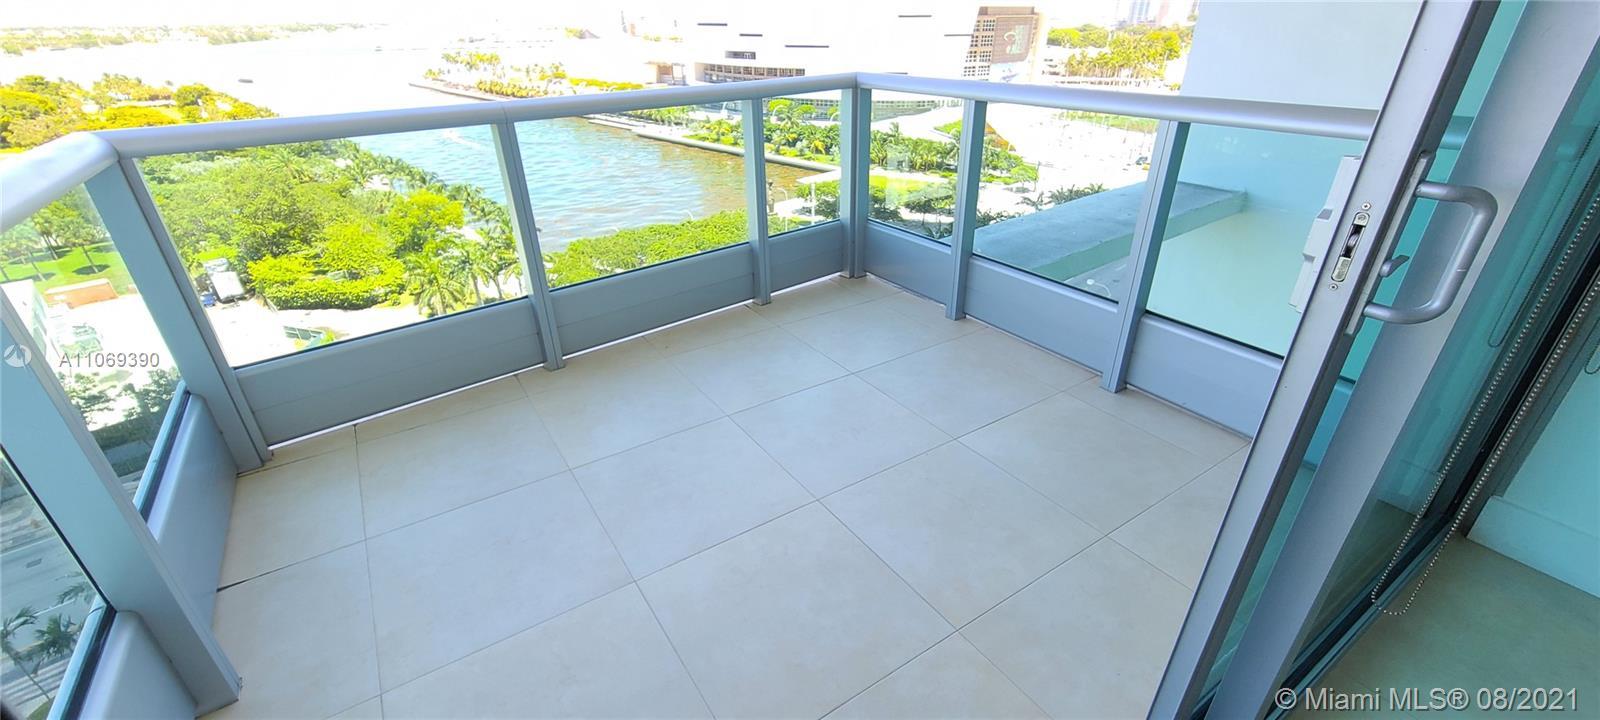 900 Biscayne Bay #1107 - 900 Biscayne Blvd #1107, Miami, FL 33132